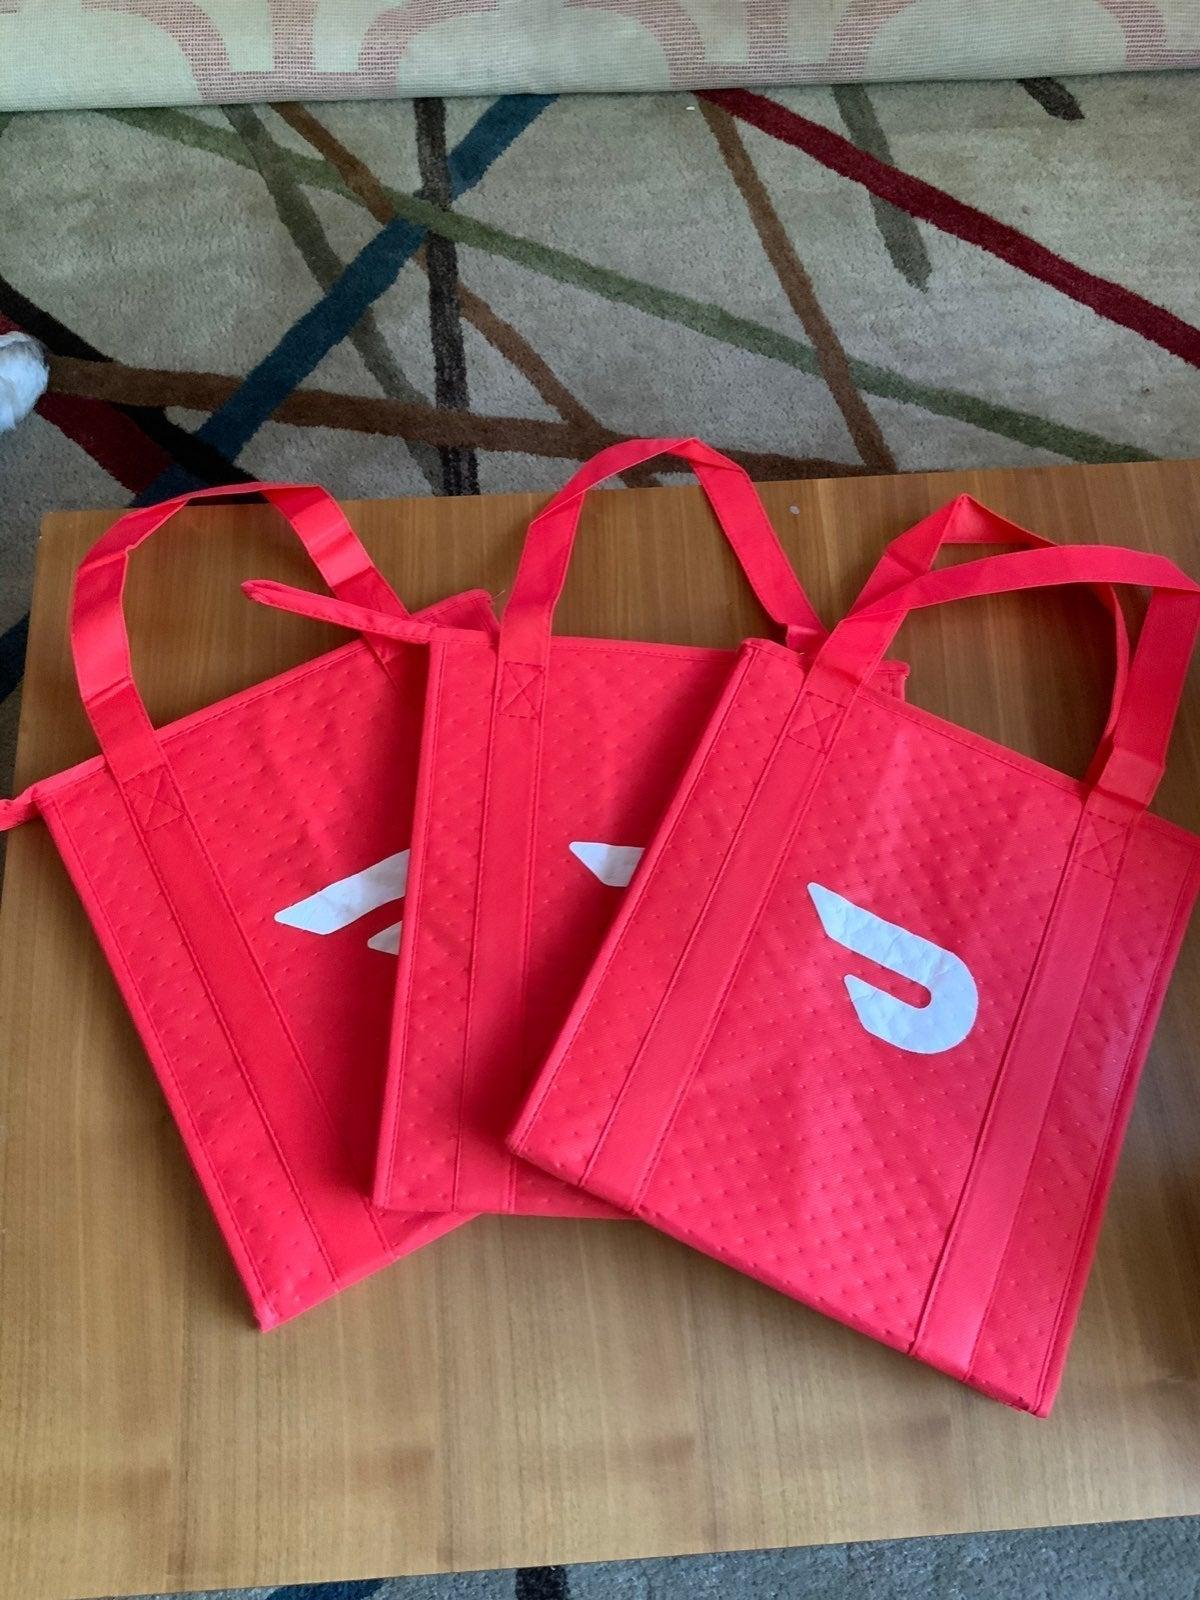 Lot of 3 doordash insulated zipper bags